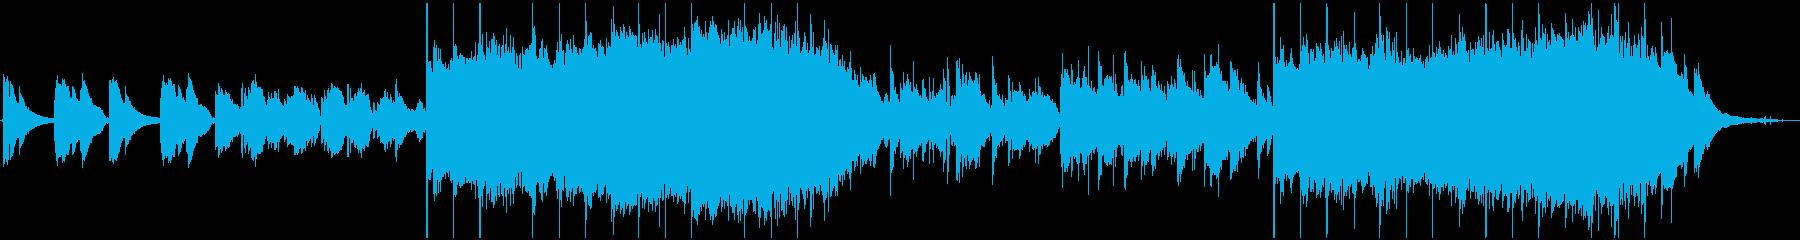 チャイニーズポップ アンビエントミ...の再生済みの波形